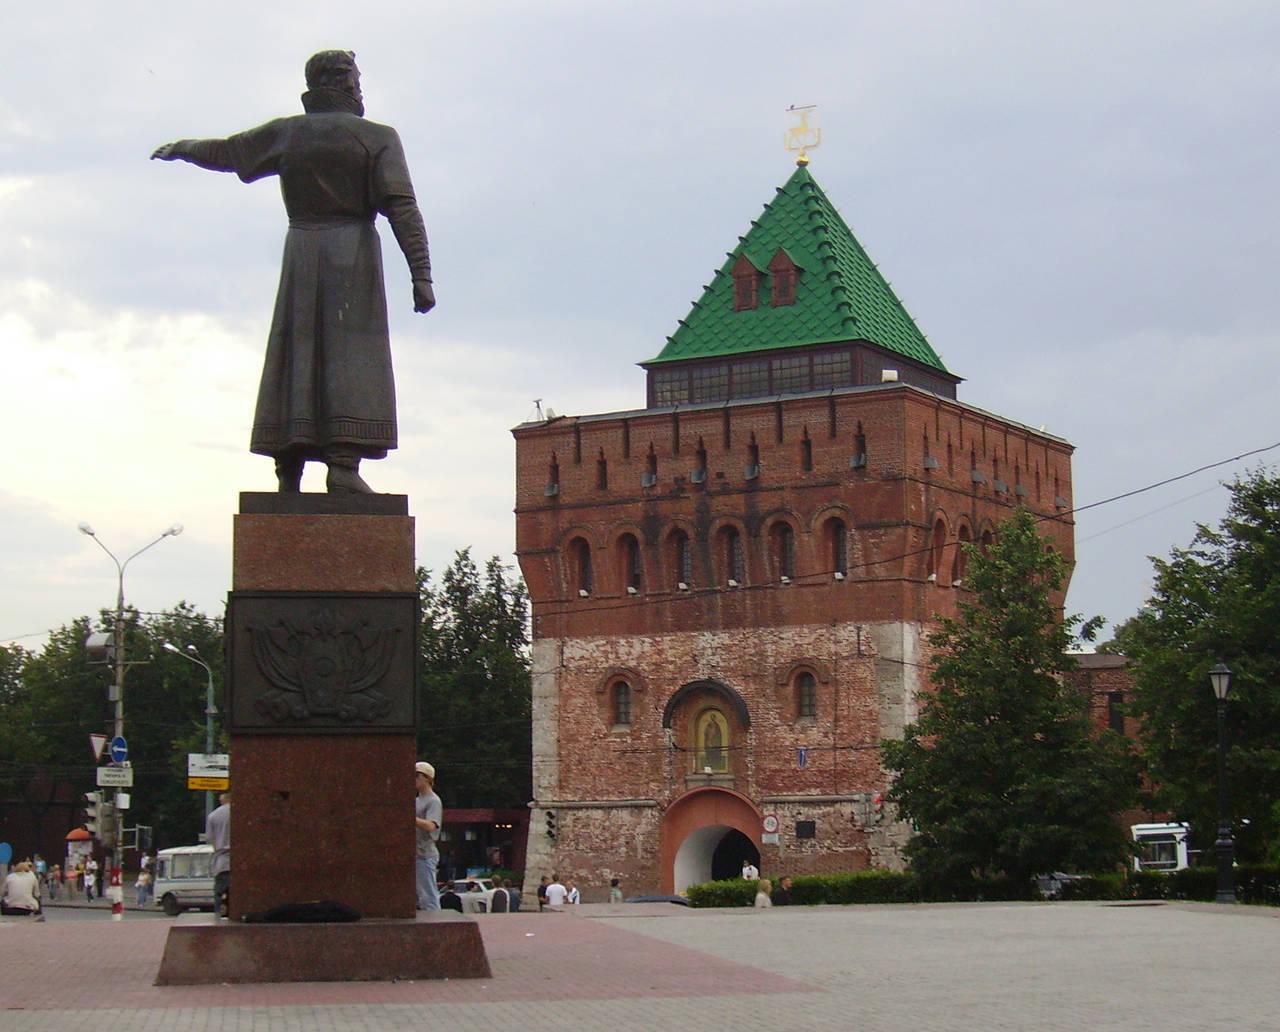 Интересные места в Нижнем Новгороде: http://tainy.net/48910-interesnye-mesta-v-nizhnem-novgorode.html